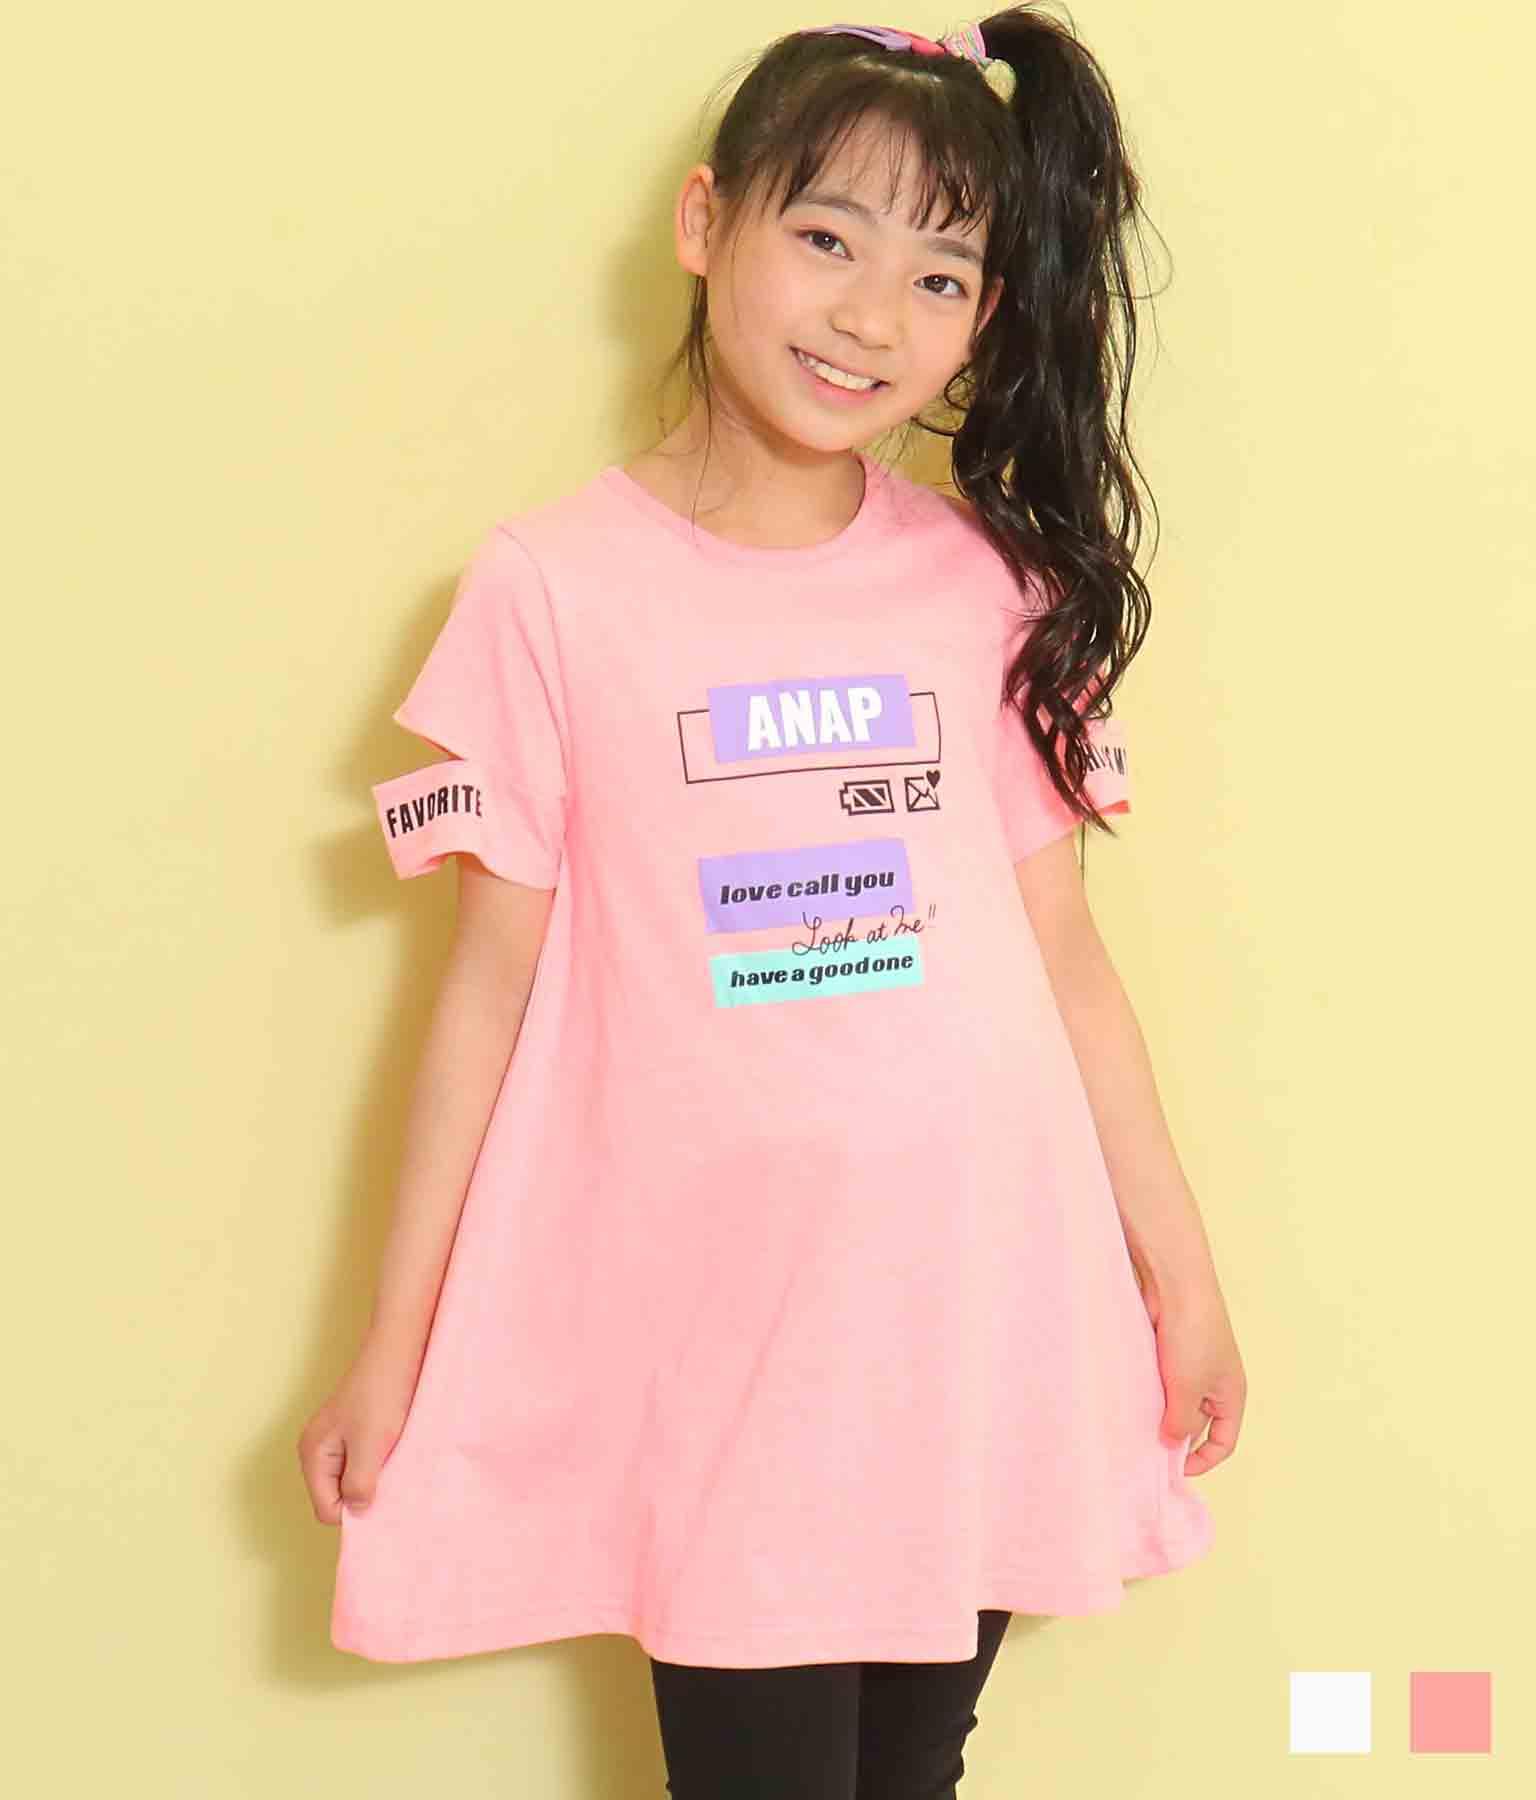 袖開きメッセージプリントワンピース(ワンピース・ドレス/チュニック・ミニワンピ) | ANAP KIDS